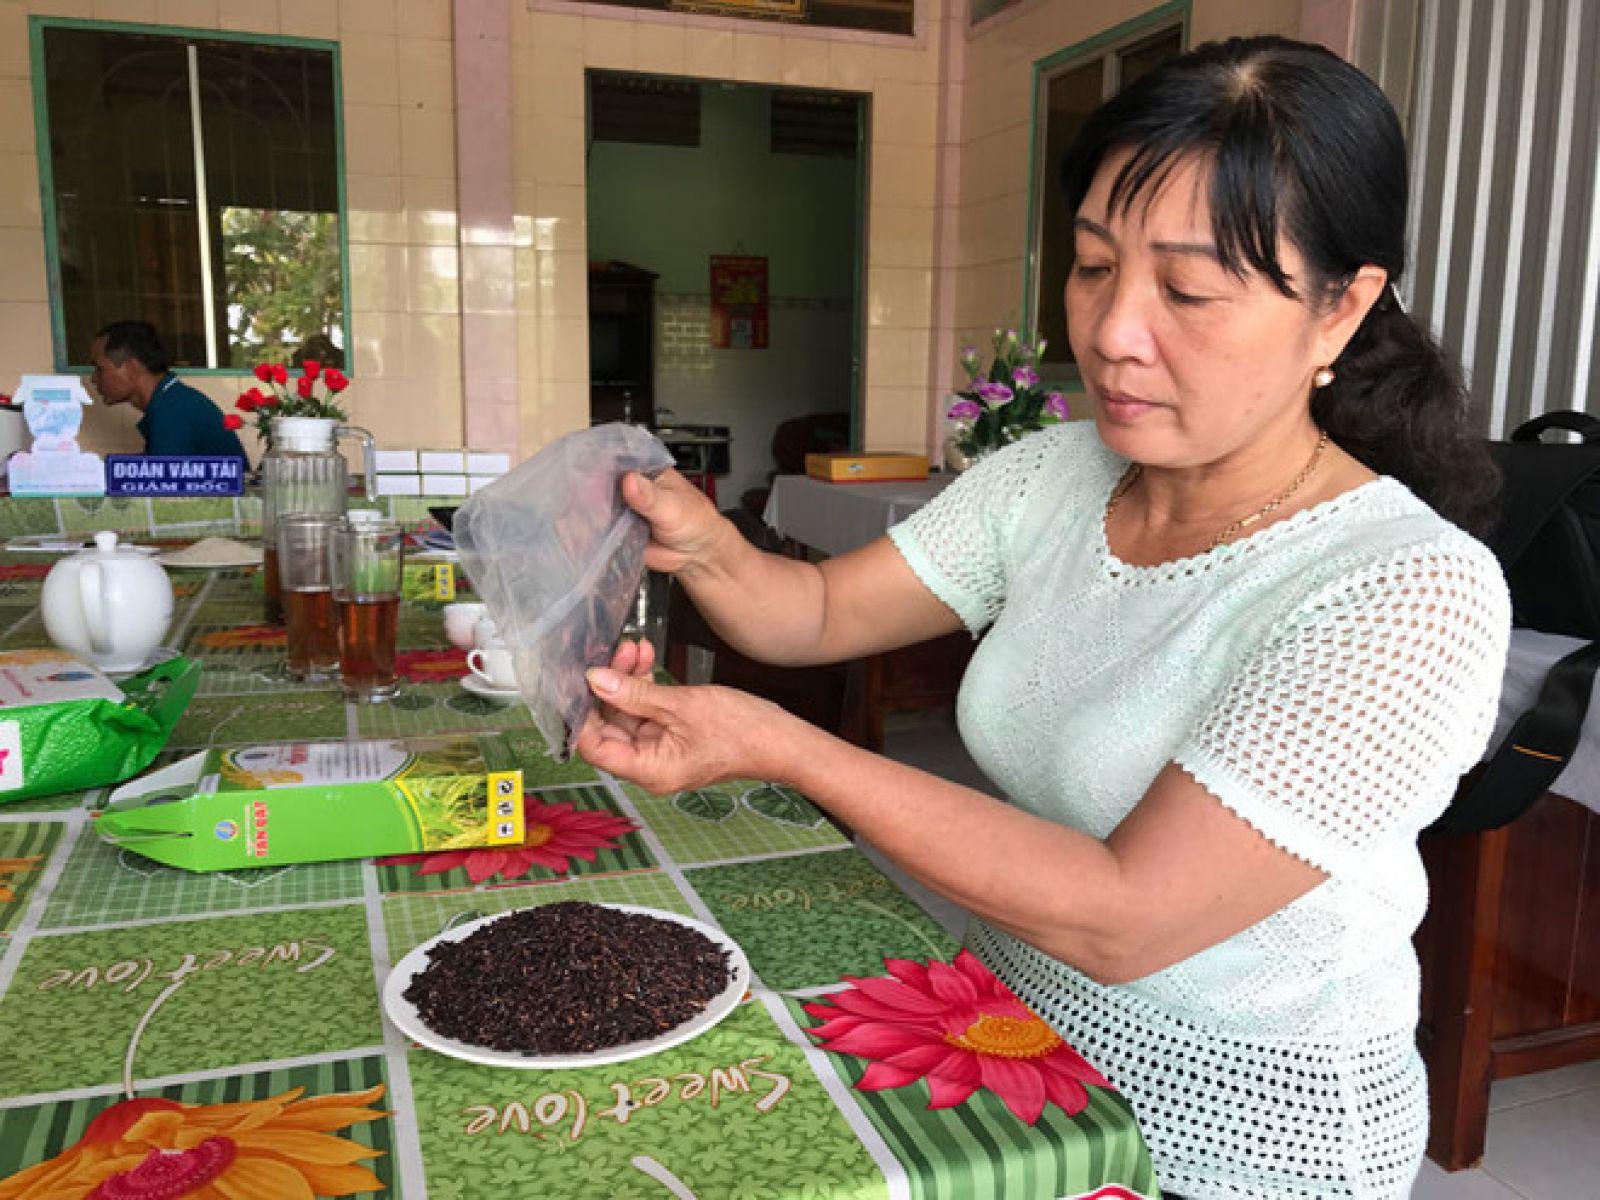 Gạo tím thảo dược được chế biến thành trà để uống